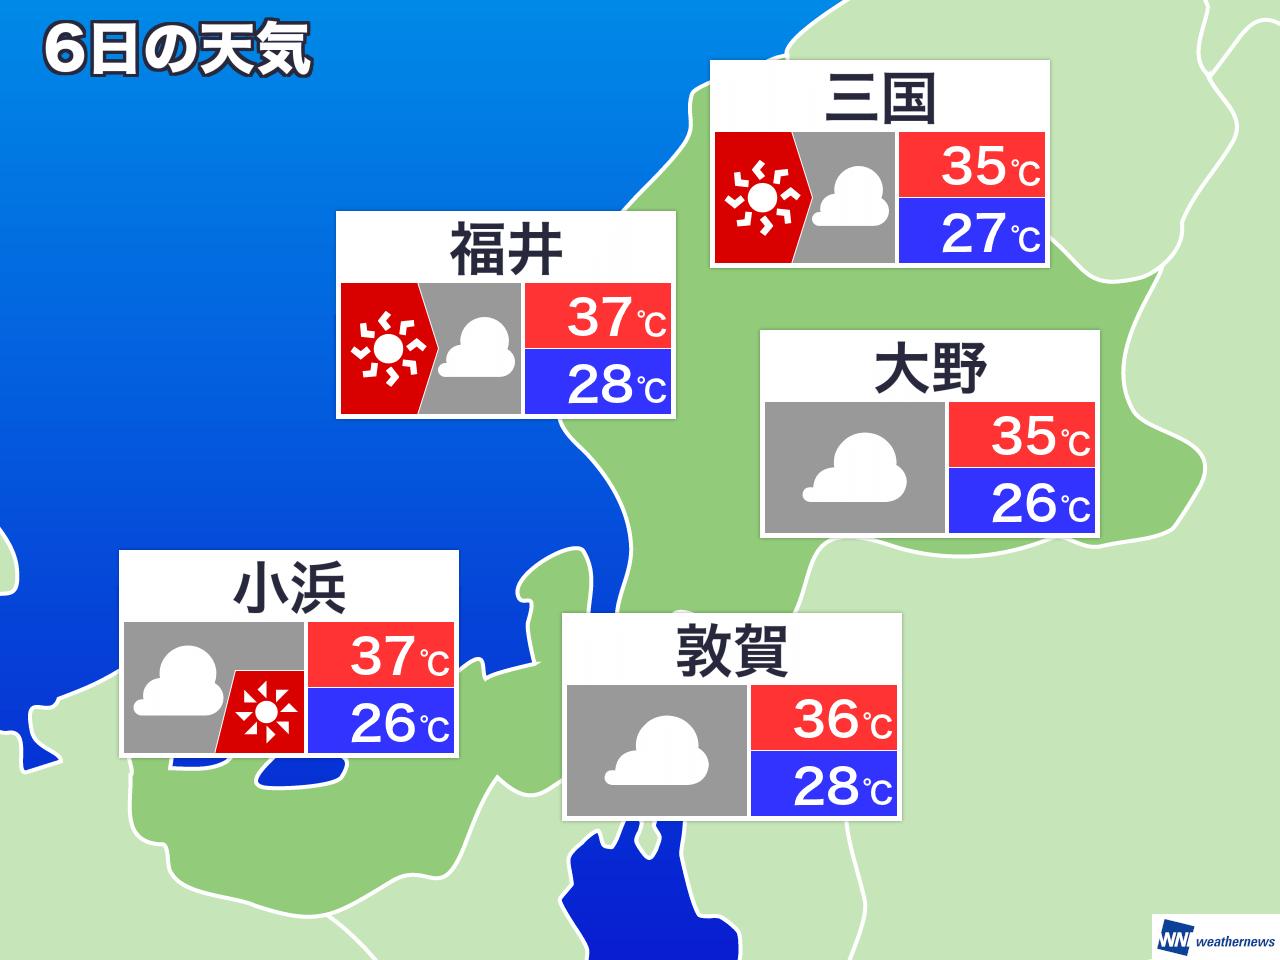 12月2日(月) 福井県の明日の天気 - ウェザーニュース